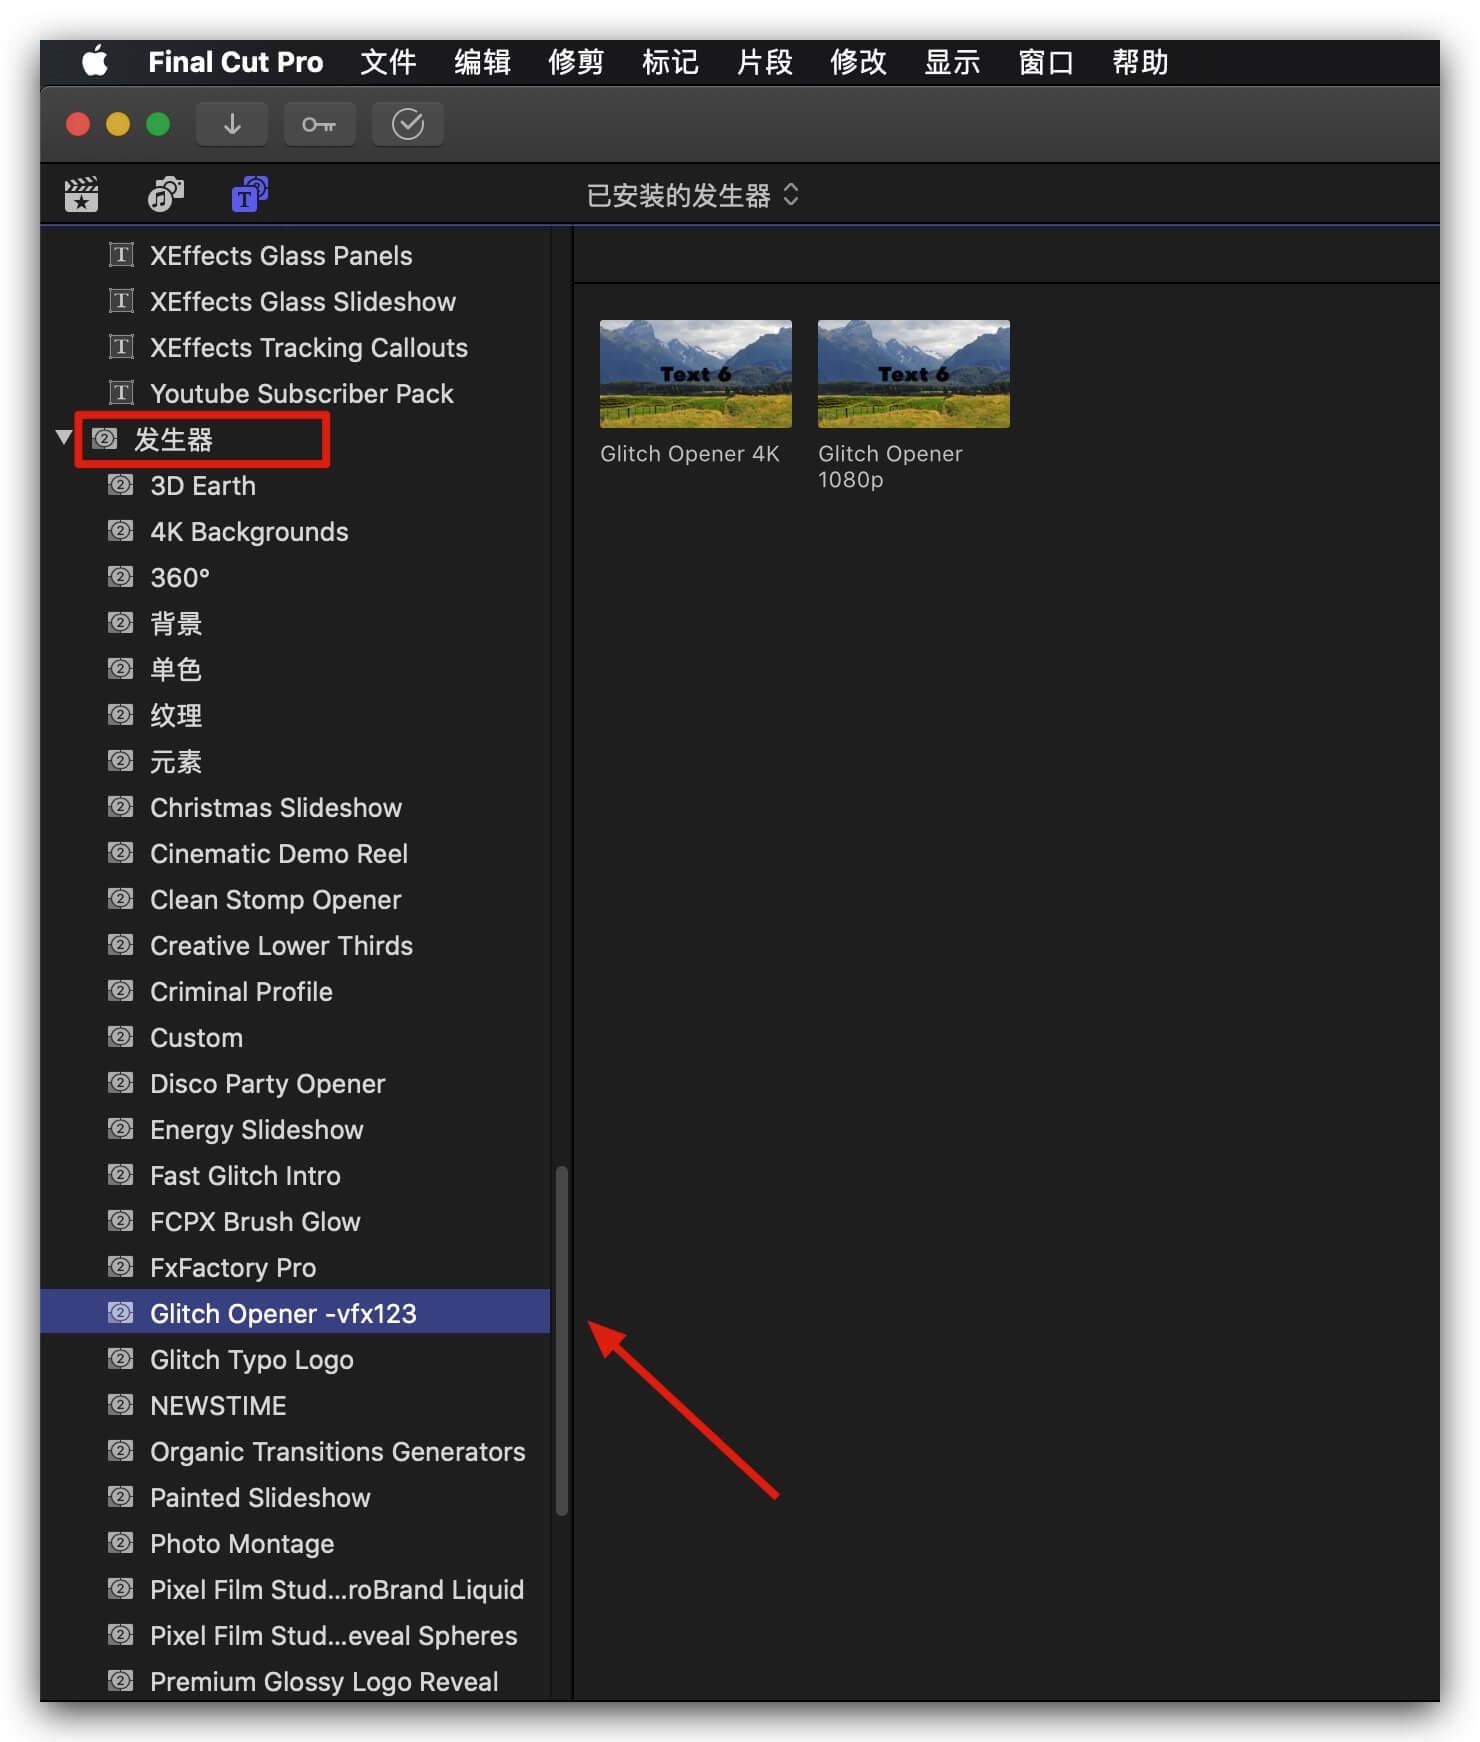 fcpx插件 4K故障干扰毛刺效果图文展示片头模板 Glitch Opener